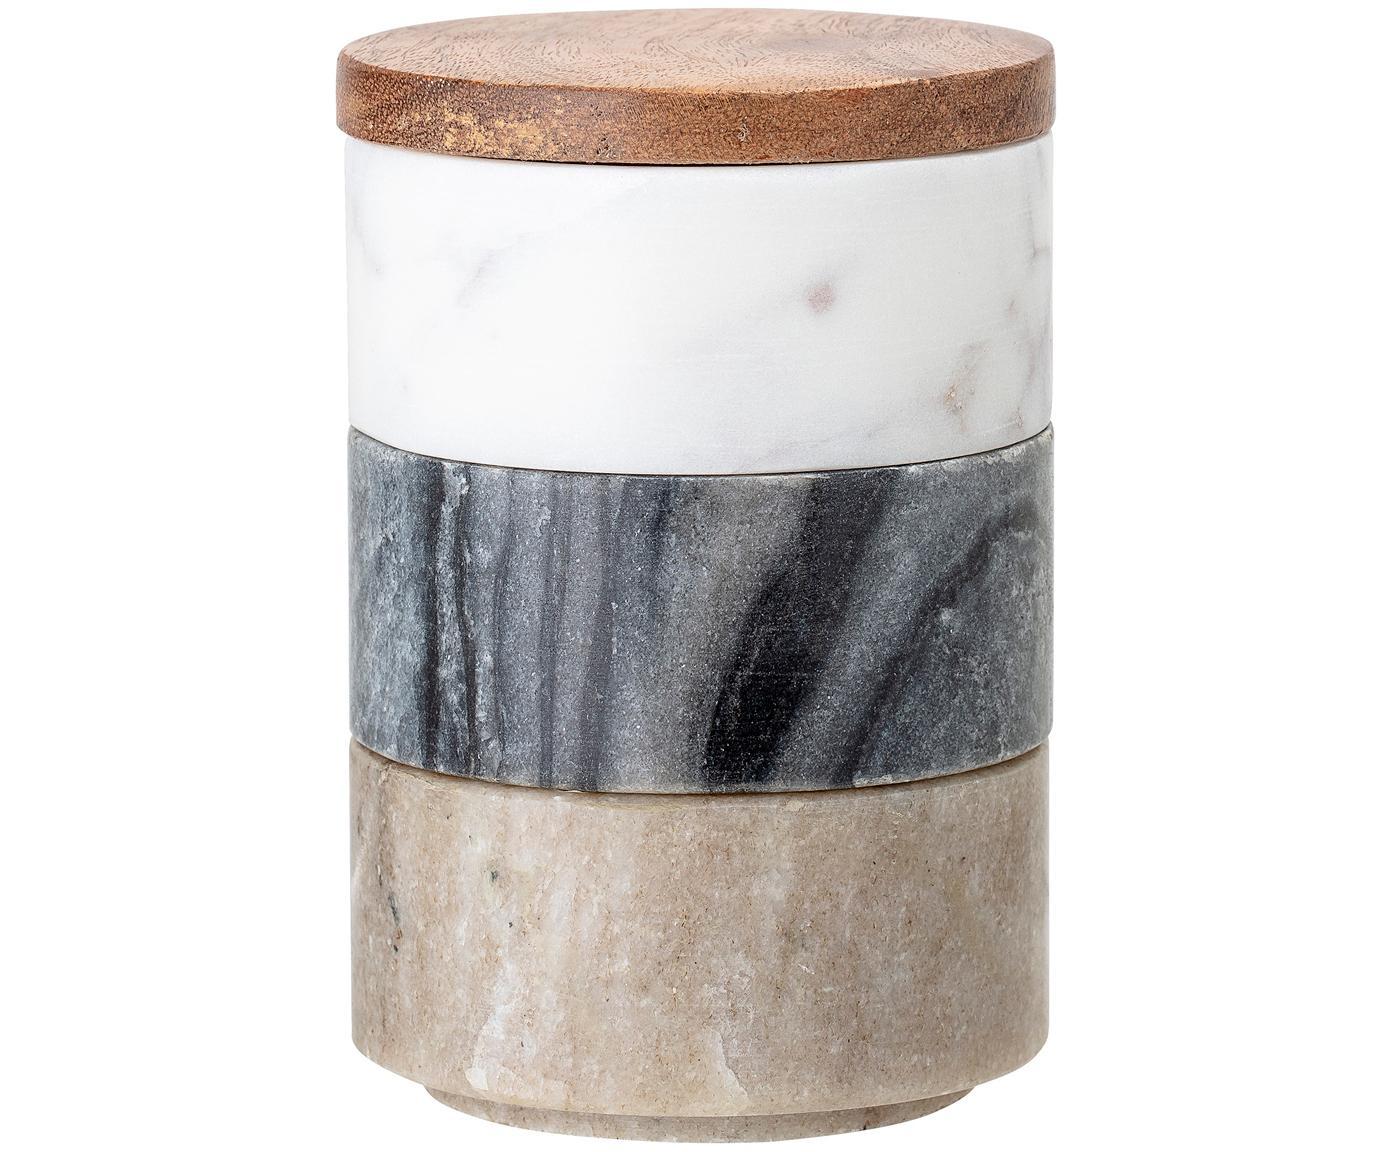 Set contenitori in marmo Gatherings 4 pz, Contenitori: marmo, Coperchio: legno d'acacia, Marrone, grigio, bianco, marmorizzato, Ø 8 x Alt. 12 cm